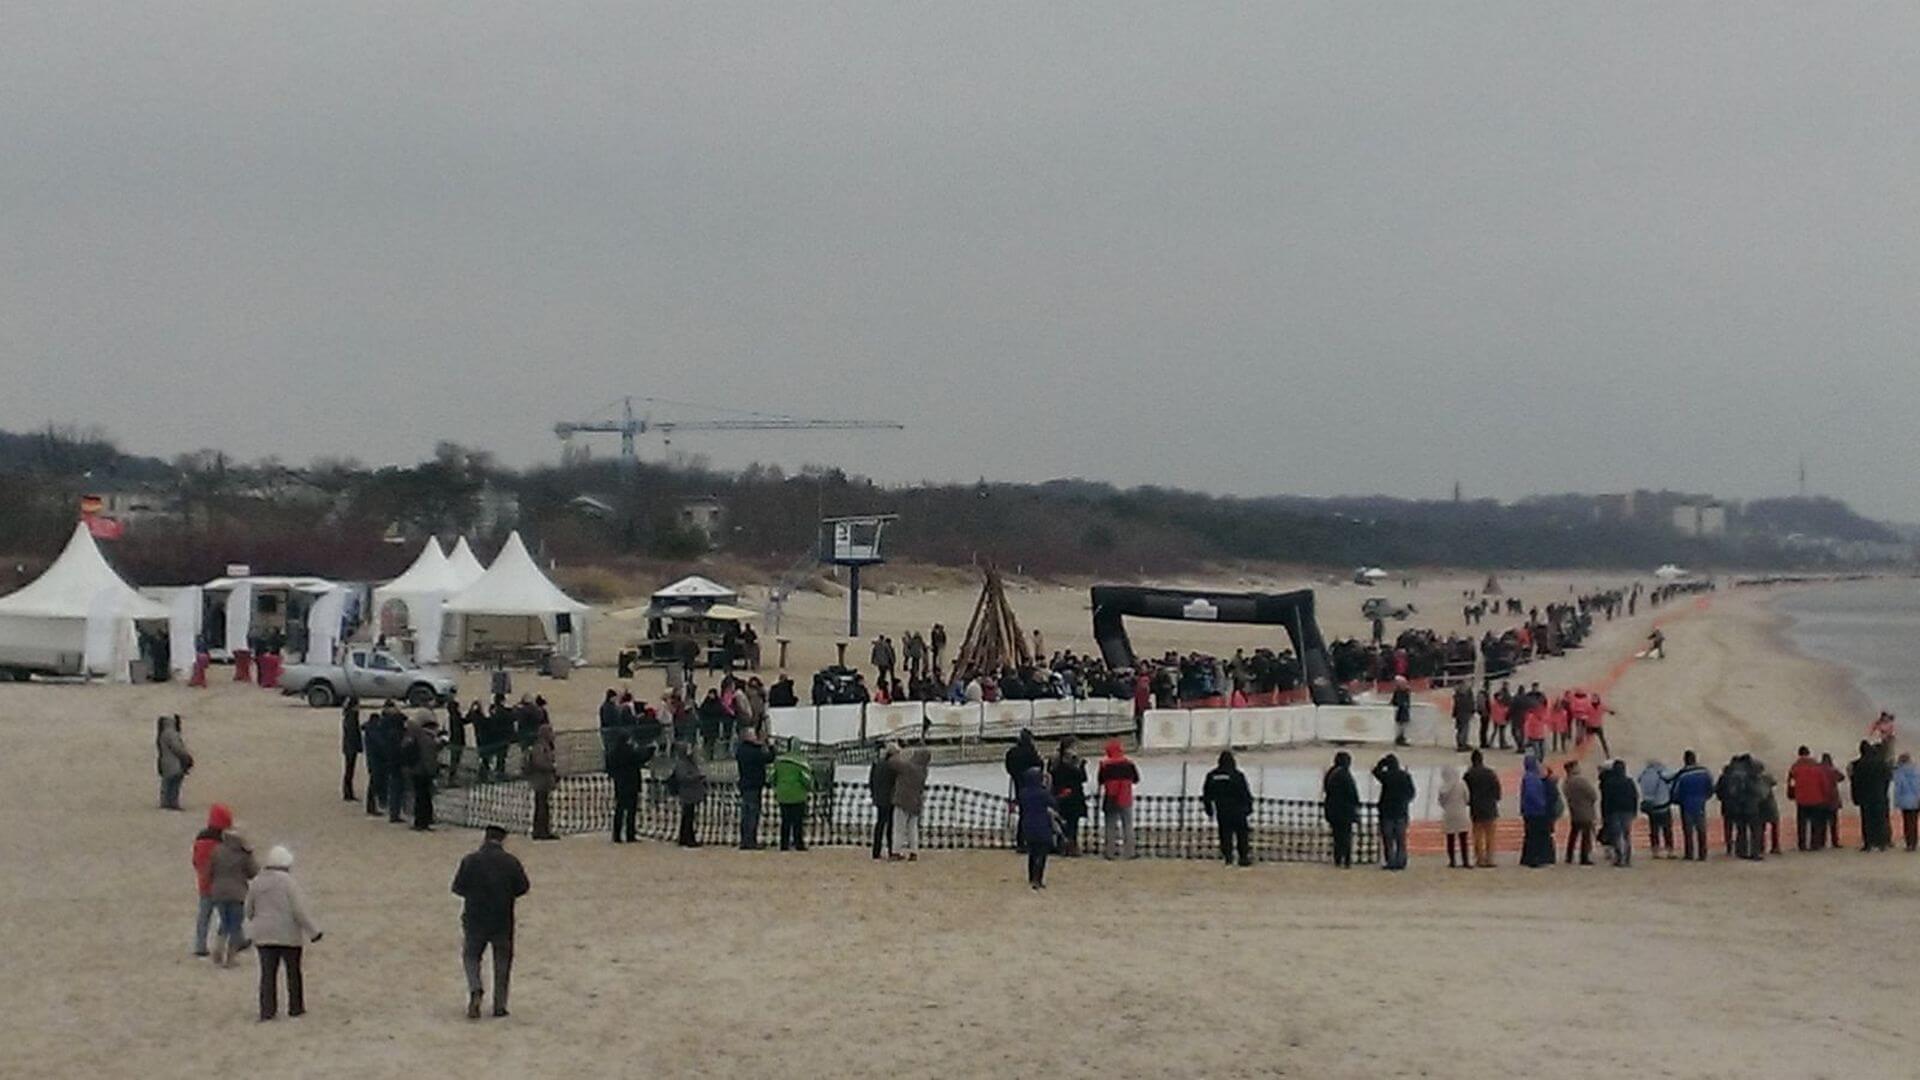 Baltic Lights - Schlittenhunderennen am Strand von Ahlbeck.